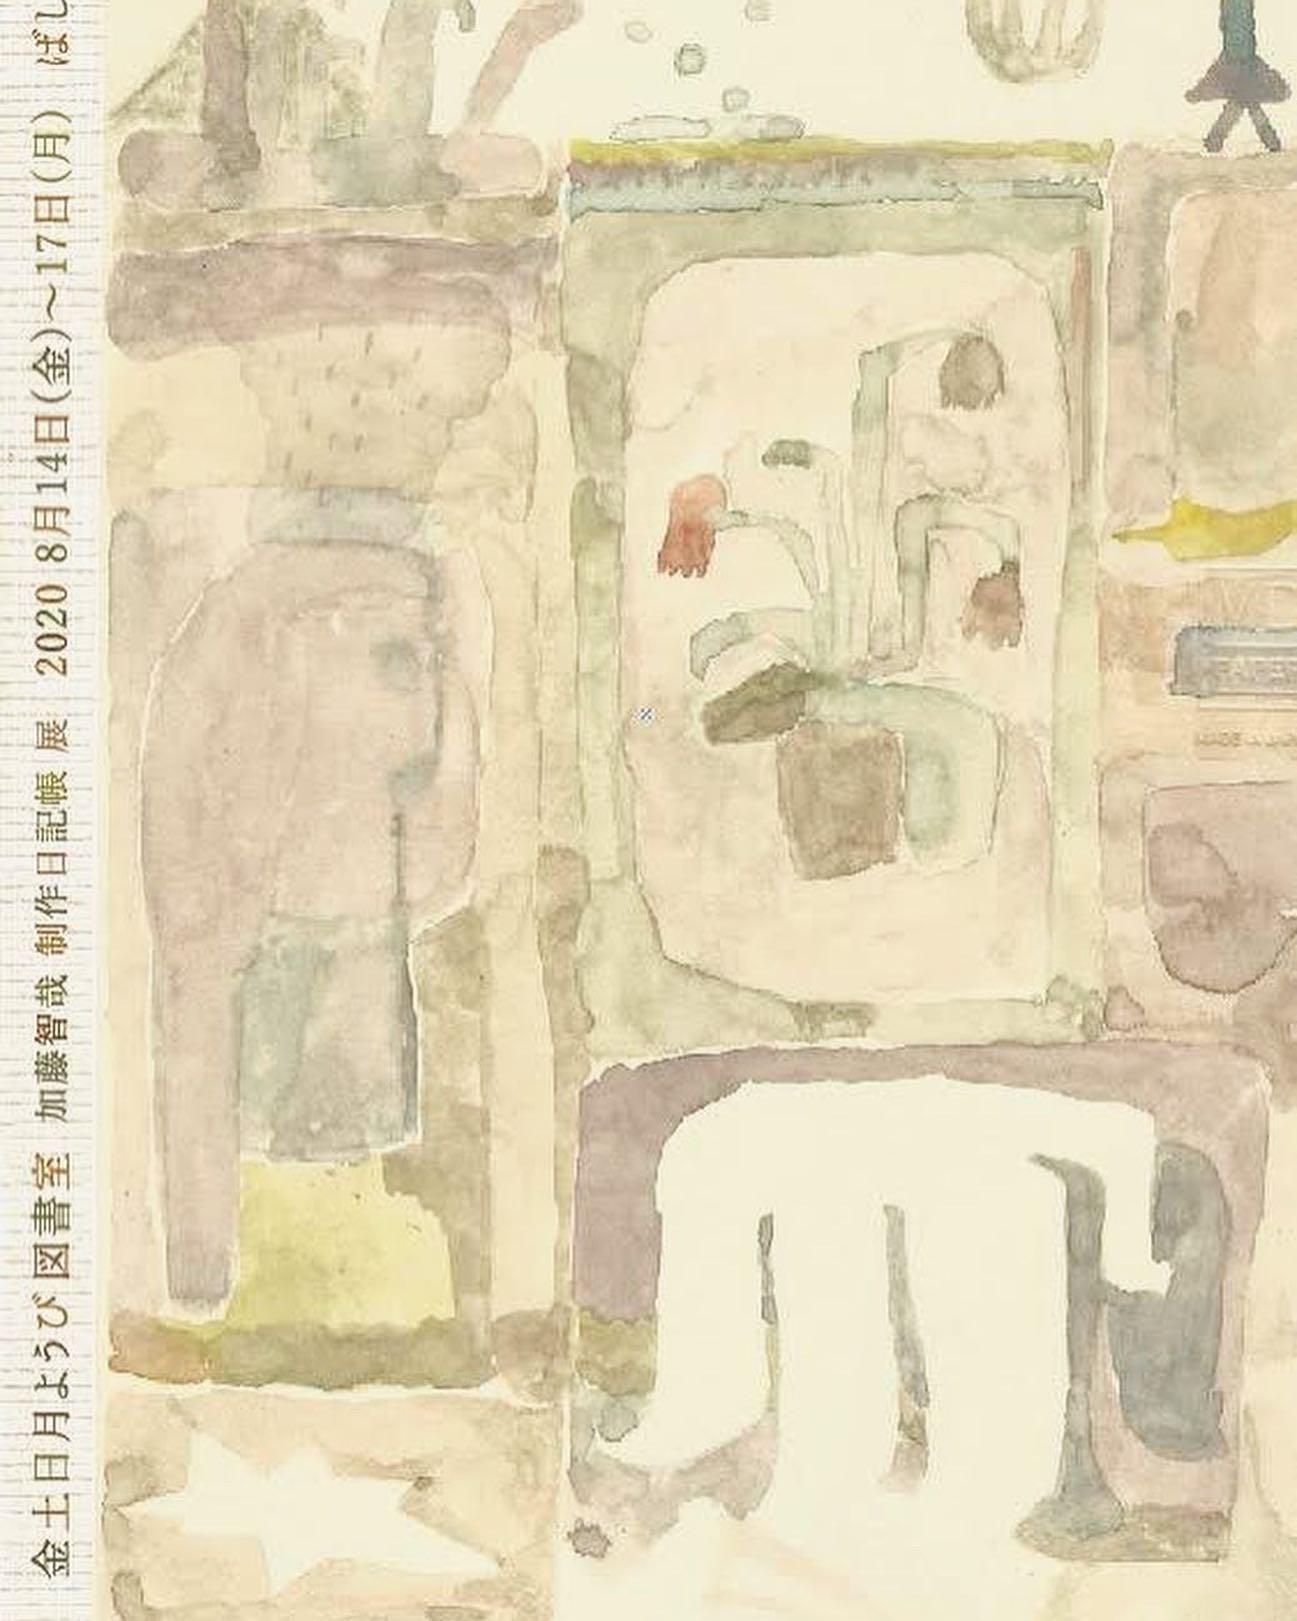 【展示のお知らせデス】東京 西麻布にある「桃居」(@toukyo_ichirohirose)さん という場所にて、僕の普段、描きつづっている制作日記帳の図書室の会を 開催していただける事となりました。(会期は4日間です)今回 会の主体となる「制作日記帳」は、もともと 「絵を描くという行為」が「特別な行為」ではなく、日常の生活サイクルに馴染ませる為に教わった、「日常のクロッキー」のスタイルに、自分なりに苦手な言葉と落書きと雑事などを 混ぜこぜして 手帳に殴り描きし始めたのが、はじまりです。そこから 半分ヤケクソで 個展会場に出し始め 色んな人から 色んな反応も受け、自分の中では やはり恥ずかしいモノとして着地している日記帳でもあります。だからか こんな機会が起きた事は不思議で変な気持ちも正直しております。もちろん 普段 発表している作品とは 密接な関係性もありるので、ご興味ある方は ご無理のない範囲で お立ち寄り下さい。(にしても桃居って いい名前ですね)どうぞよろしくお願い致します◎⌘⌘⌘⌘⌘⌘⌘⌘⌘⌘⌘⌘⌘⌘⌘⌘⌘『金土日月よう日図書室 / 加藤智哉 制作日記帳 展』[期間]2020年8月14日(金)〜17日(月)[場所]桃居 (東京都港区西麻布2-25-13)[open]13:00-20:00(最終日は19:00まで)◇会期中は予約がなくても入場できますが、事前にご予約して頂くと優先的にご案内させて頂きます。ご希望の方は、◉お名前◉ご希望の日時◉人数を記載の上、下記までご連絡下さい。(toshoshitsu.yoyaku@gmail.com)◇ご来場の際は、マスクの着用と手指の消毒にご協力をお願い致します。加藤智哉(TOMOYA KATO)1980年生まれ 京都在住絵描き。kousagisha galleryのギャラリスト。個展やグループ展などで 国内外で活動中。◆金土日月ようび図書室◆は、絵描きと光兎舎ギャラリーの管理人として活動されている加藤智哉さんが 日常的に日々描きとめている制作日記帳を あの世とこの世の往来が活発となるお盆の時期に 都会のすみっこでひっそり愉しむ催しです◎